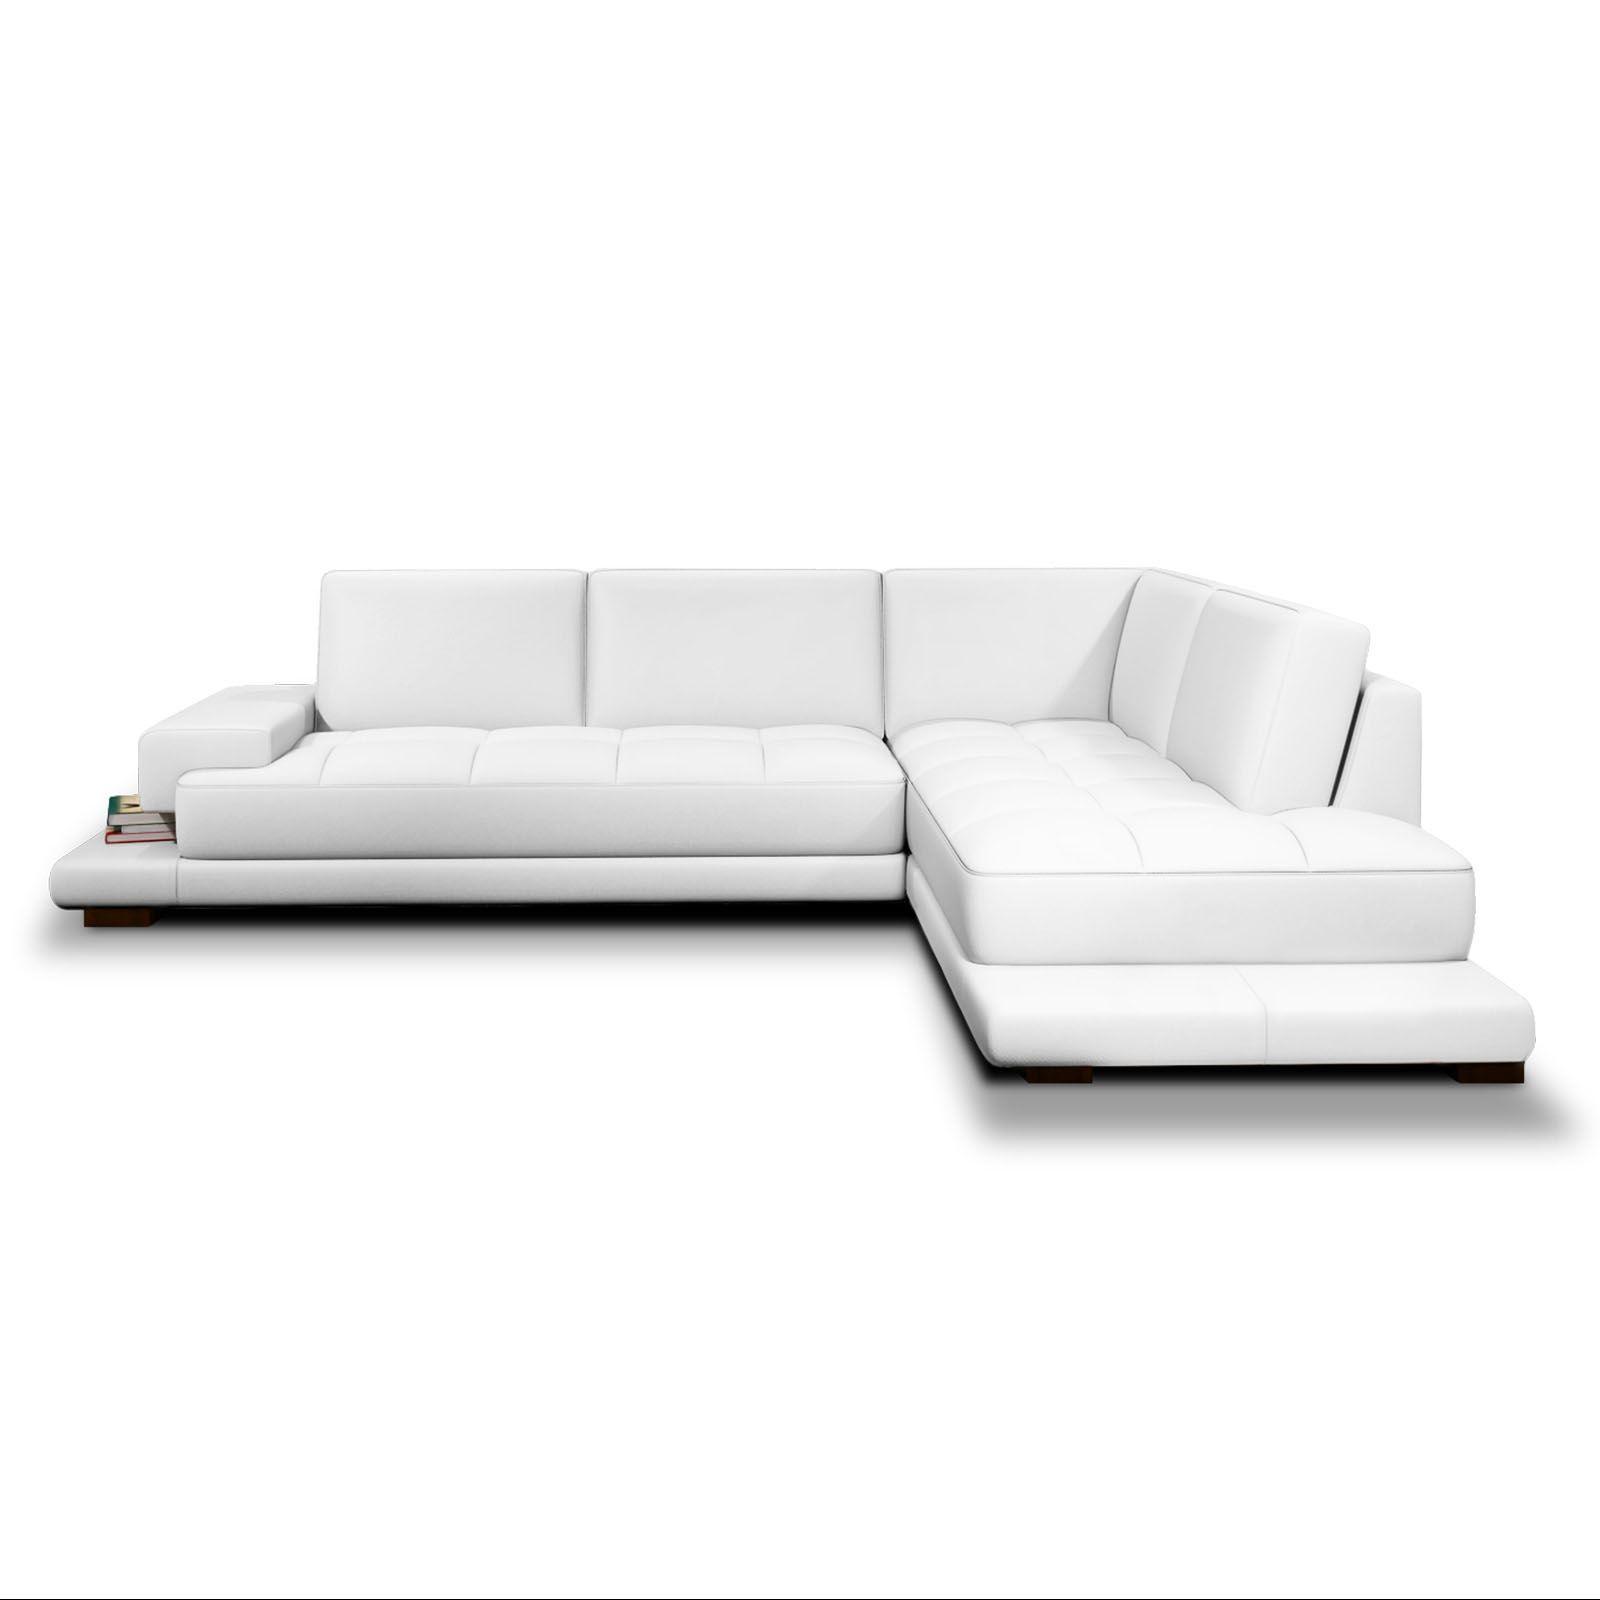 Ledersofa weiß modern  Ecksofas Kunstleder Weiss: Couch & wohnzimmercouch günstig online ...